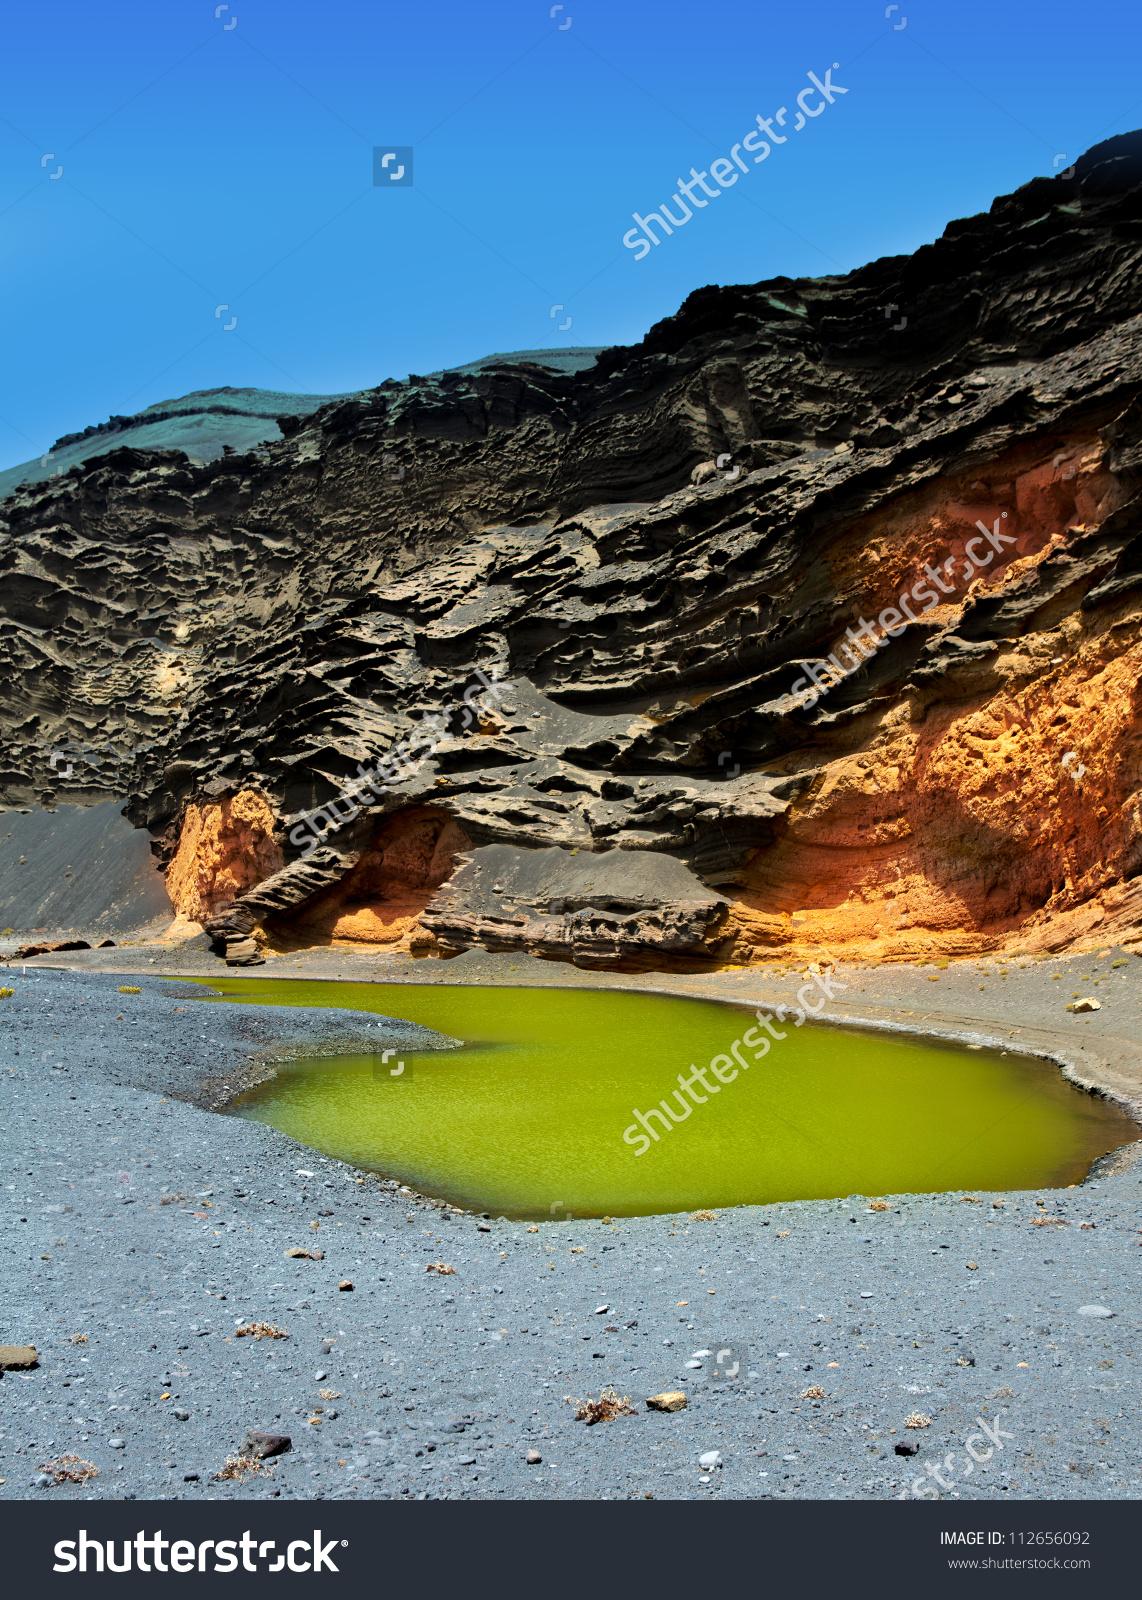 Lanzarote El Golfo Lago De Los Clicos Green Water In Volcanic.